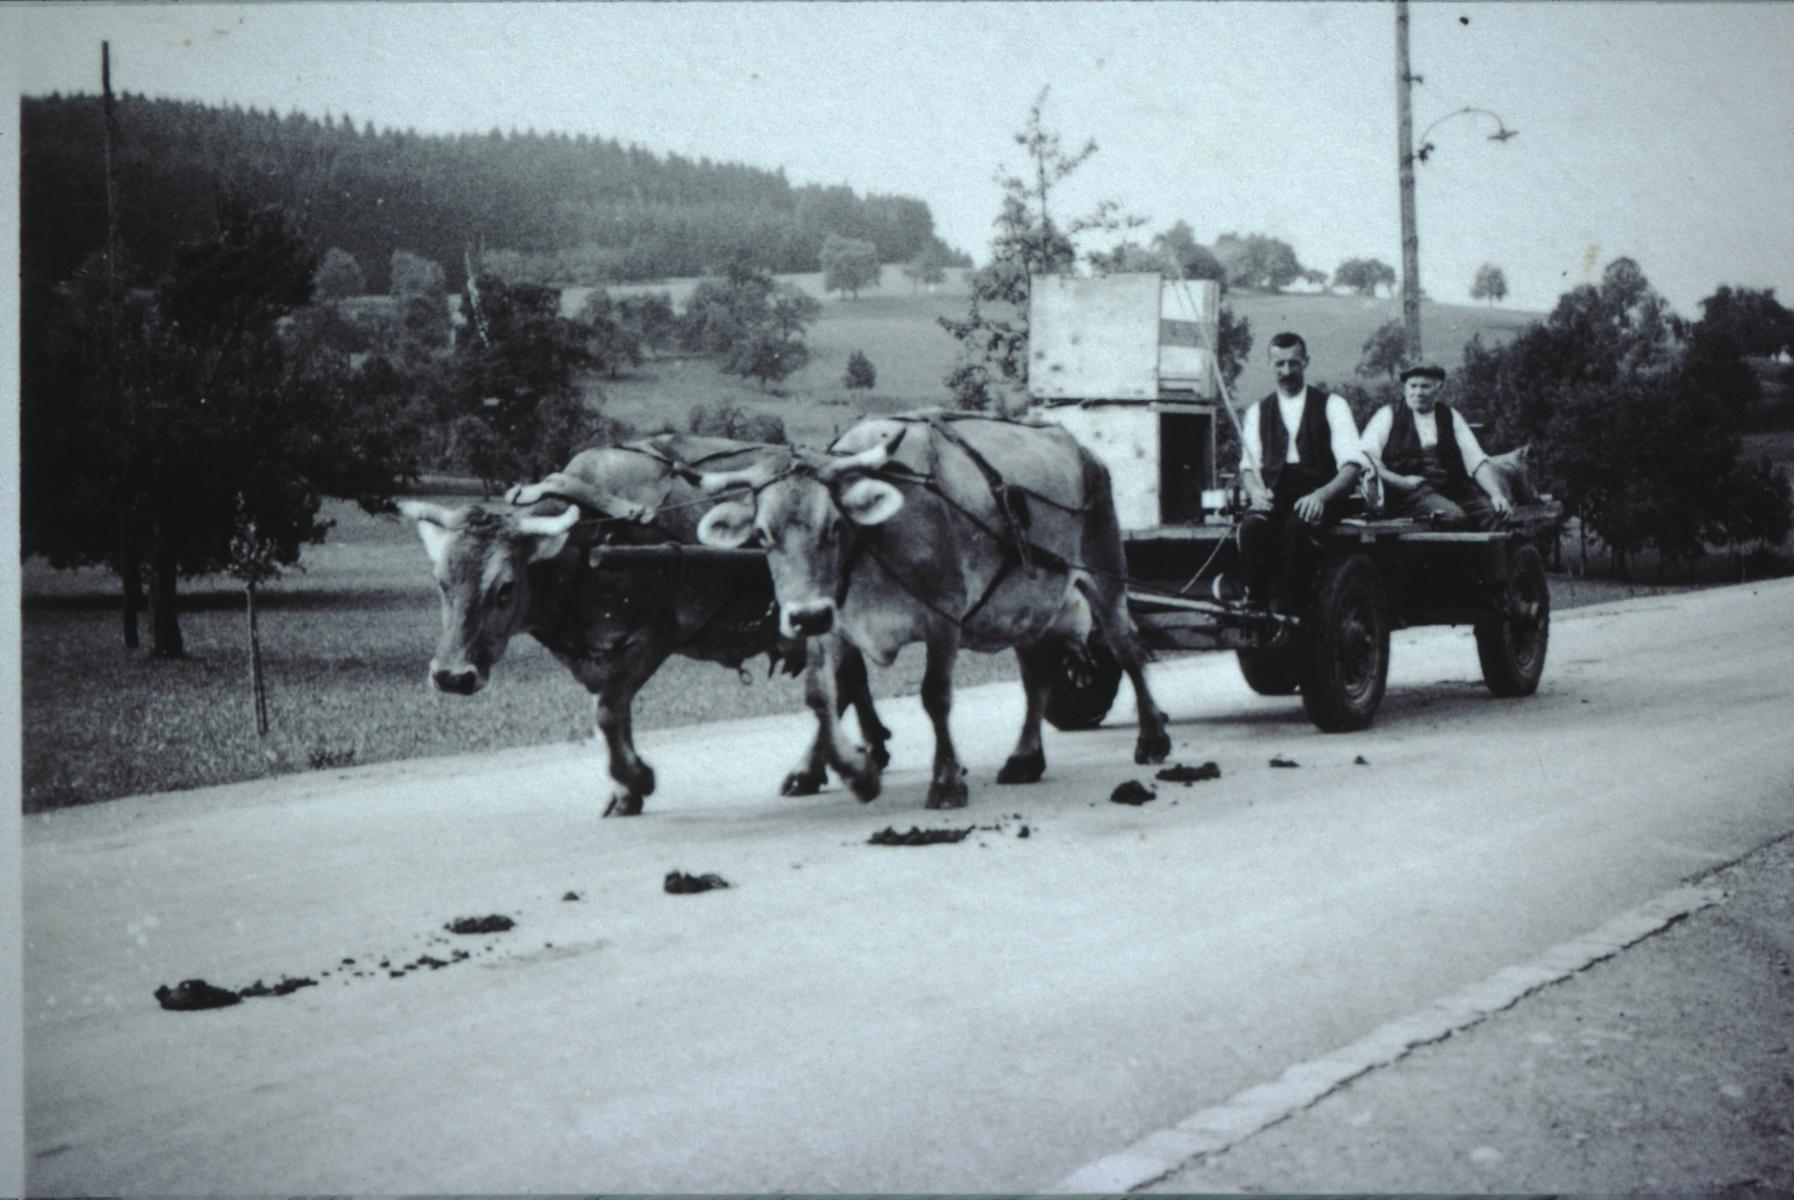 Kuh Mirta 4052, 1954 von Ueli's Grossvater Reiser gekauft